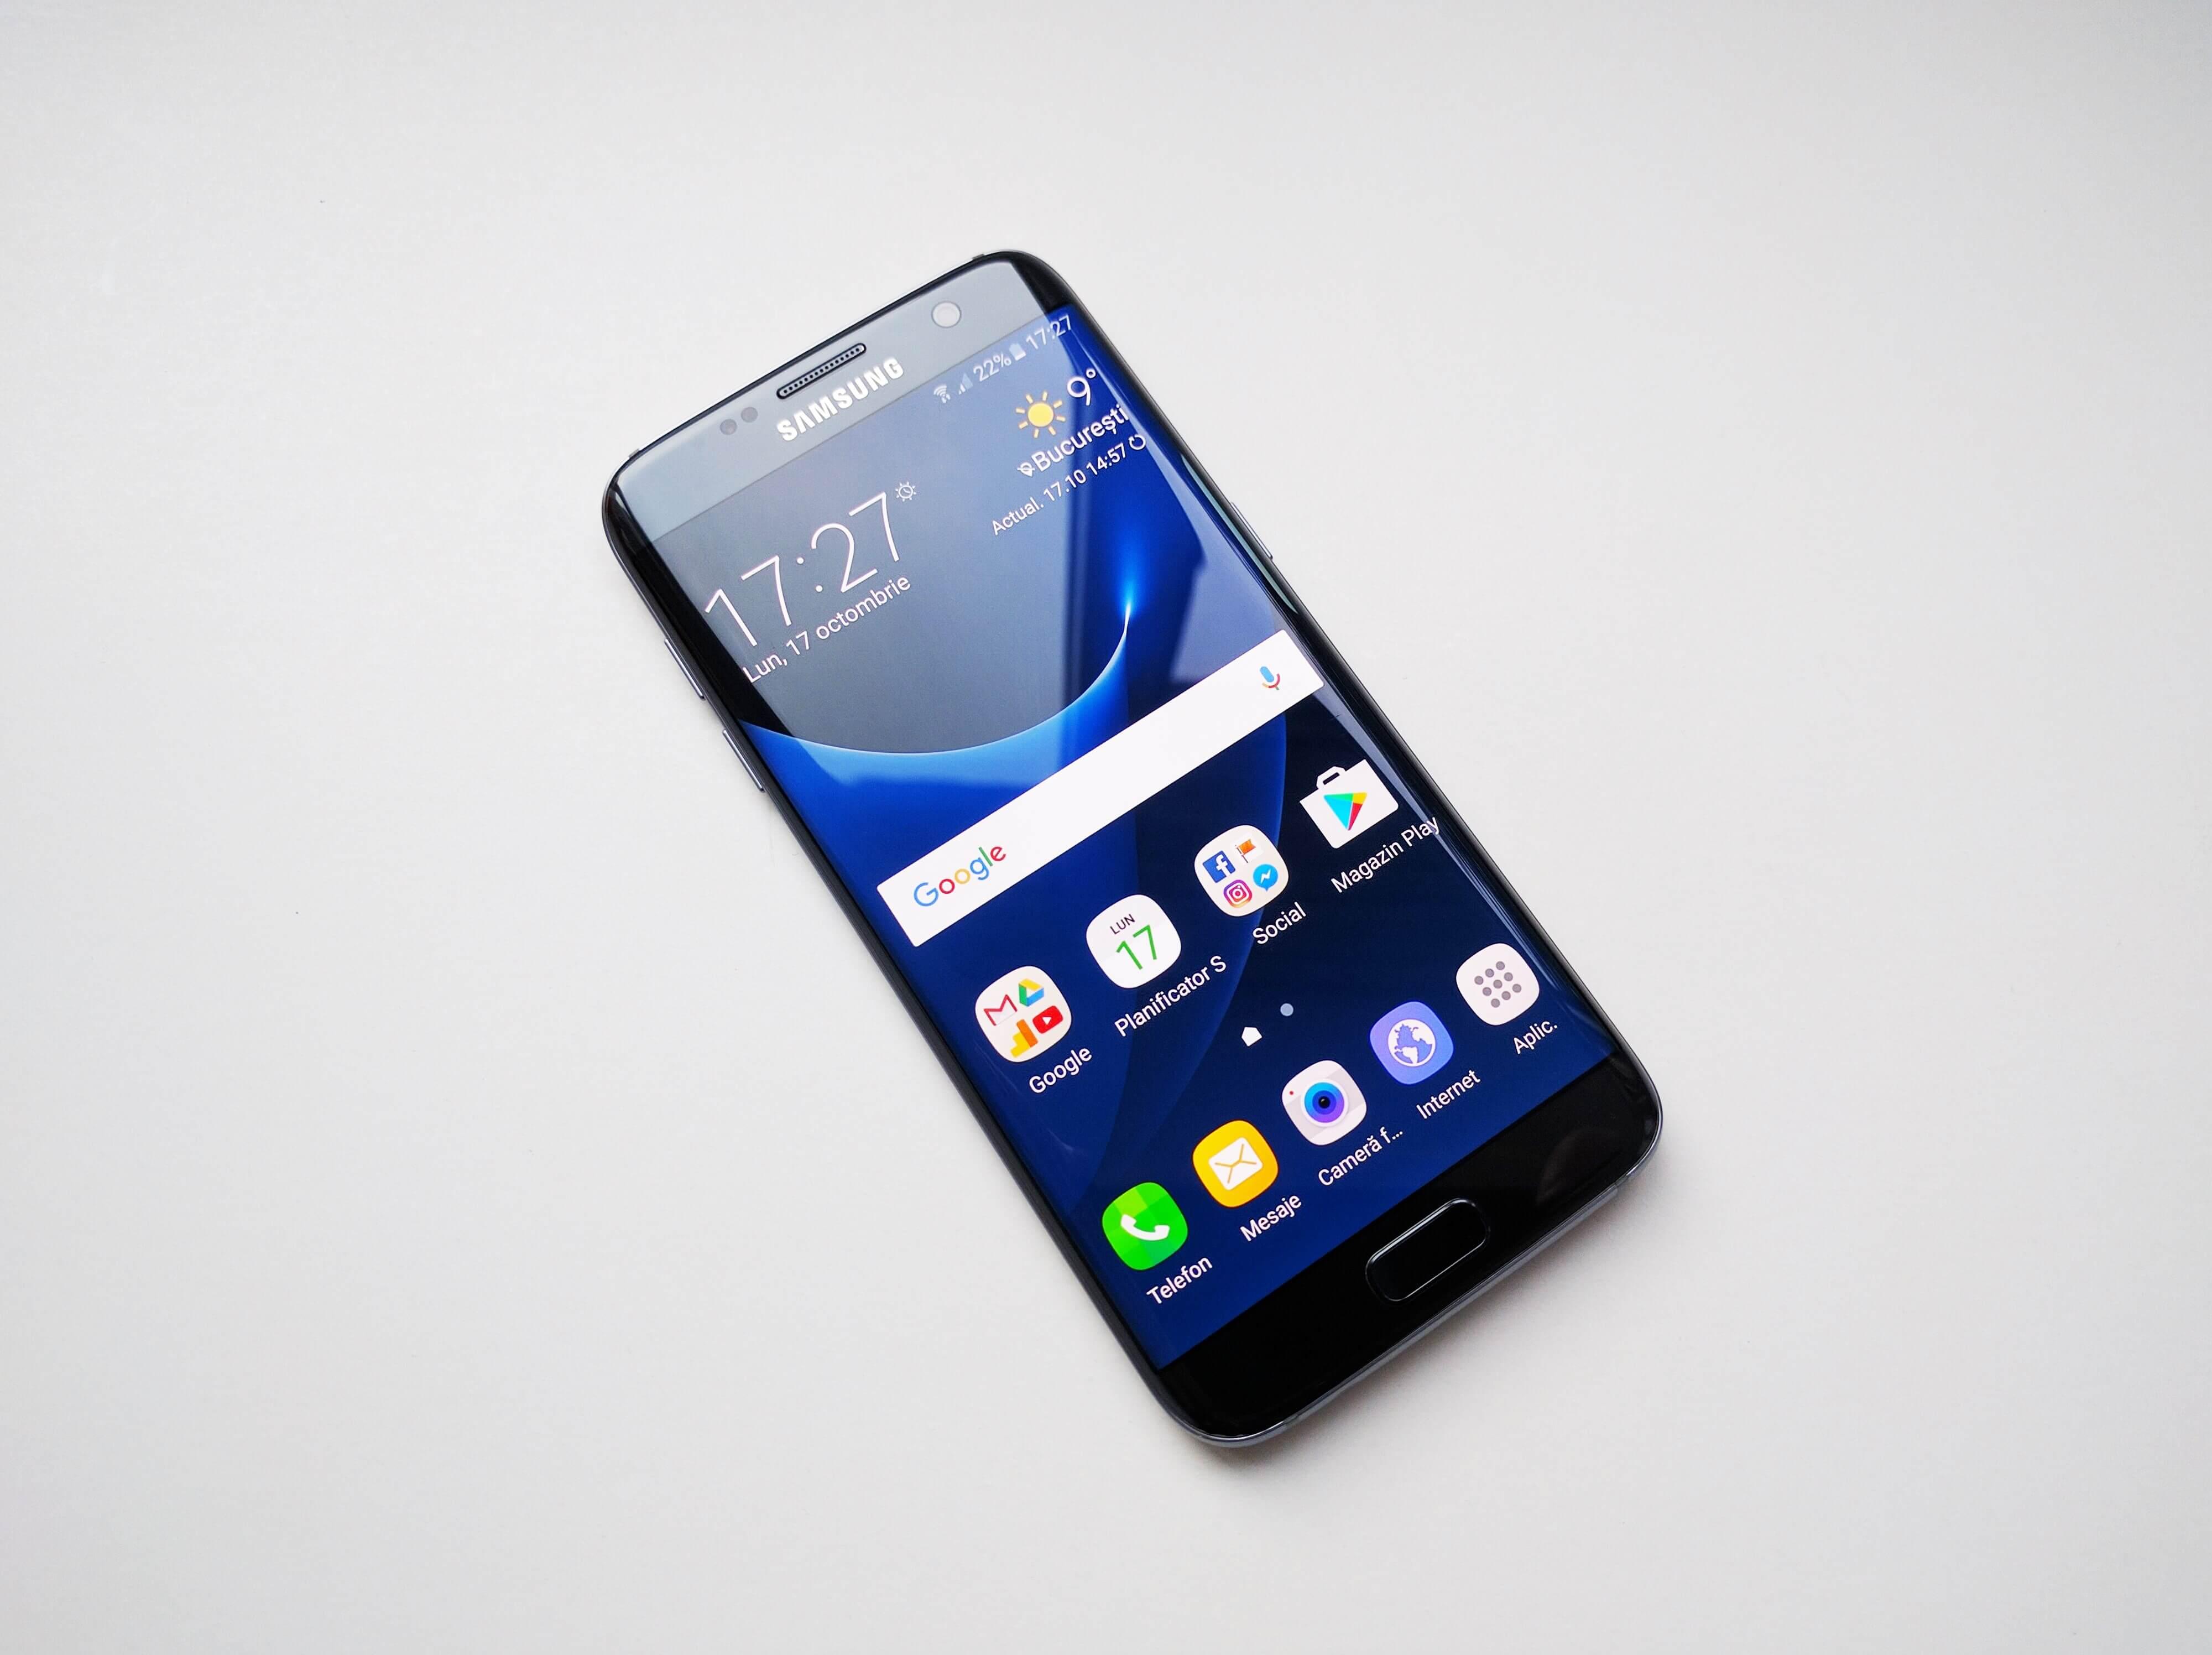 samsung galaxy s7 si s7 edge primesc actualizare la android 7 0 nougat. Black Bedroom Furniture Sets. Home Design Ideas